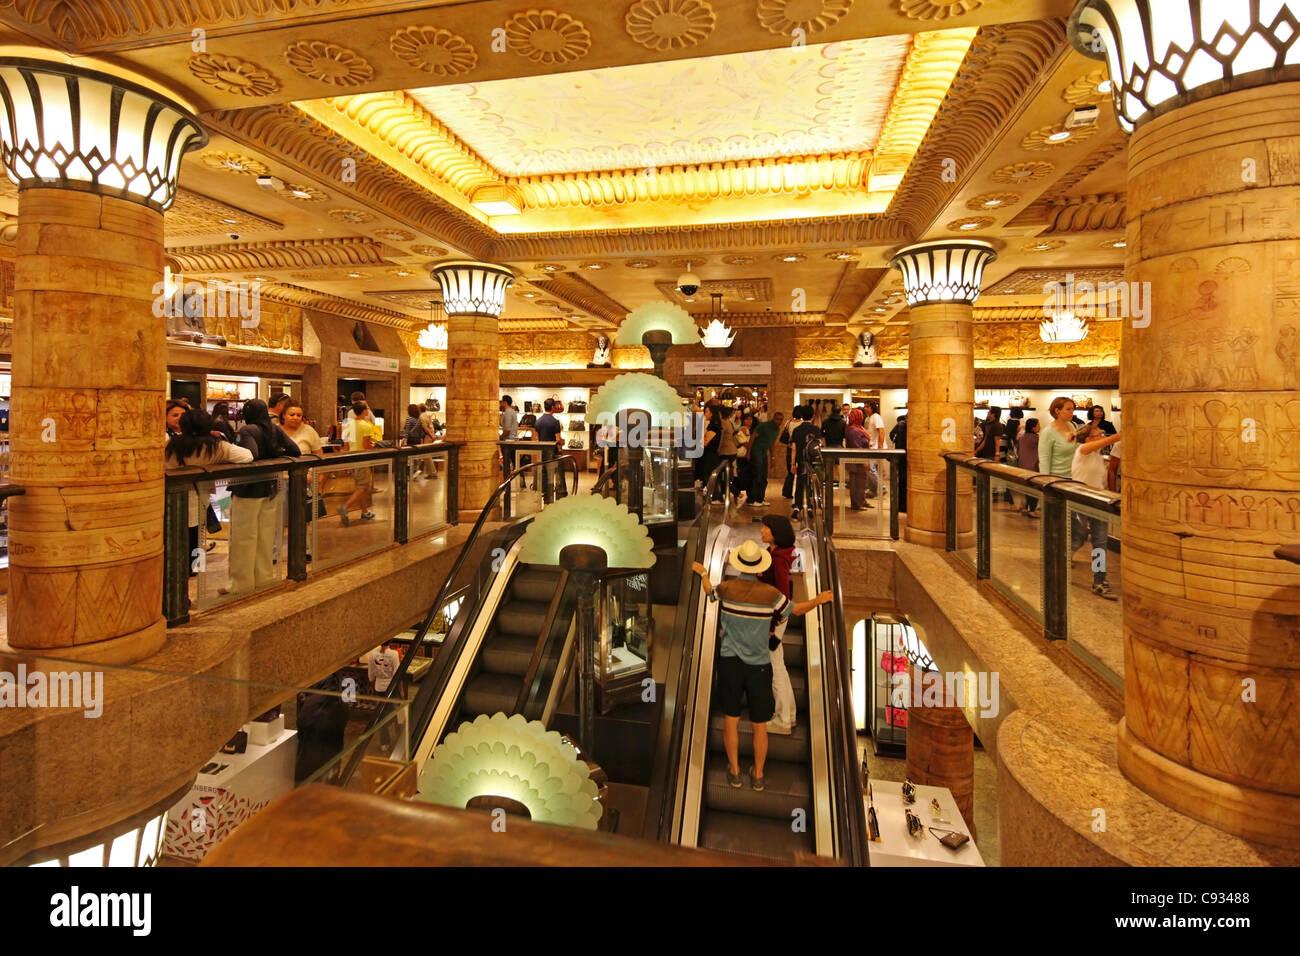 Harrods Interior Stockfotos & Harrods Interior Bilder - Alamy